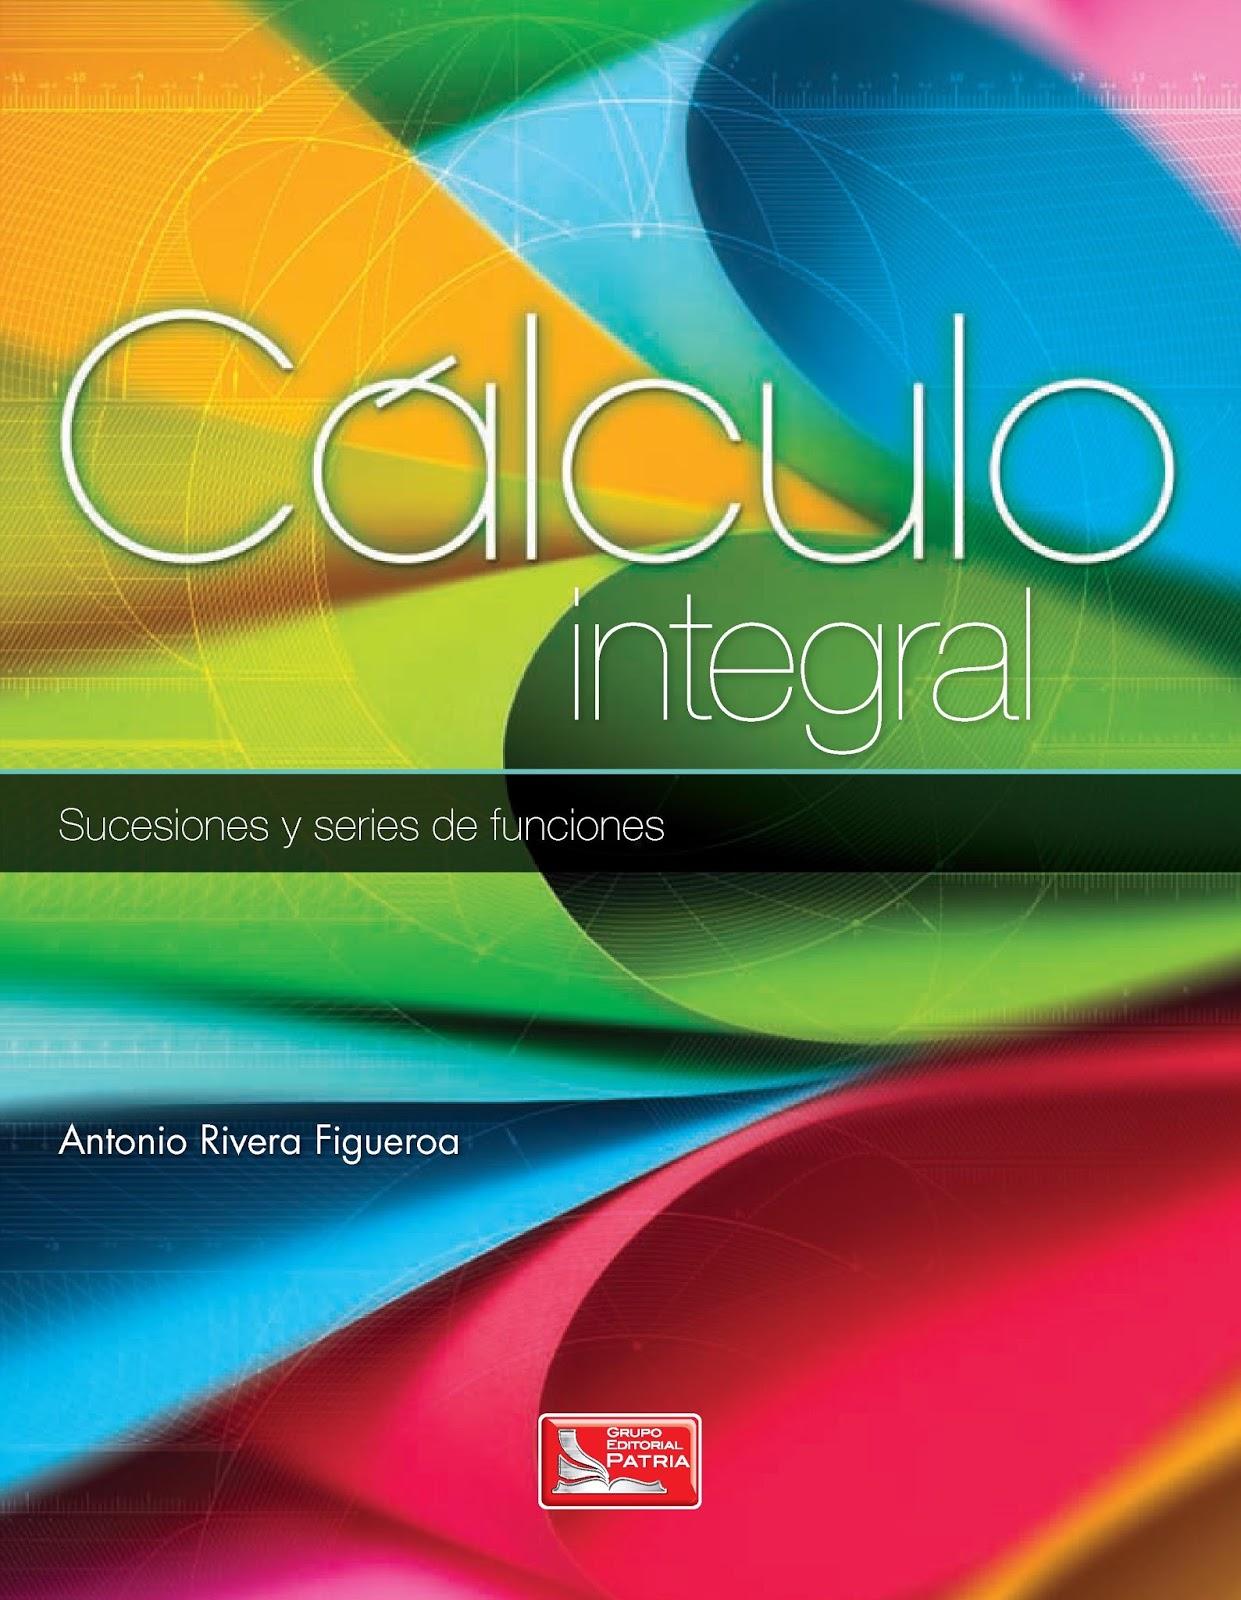 Cálculo integral: Sucesiones y series de funciones – Antonio Rivera Figueroa